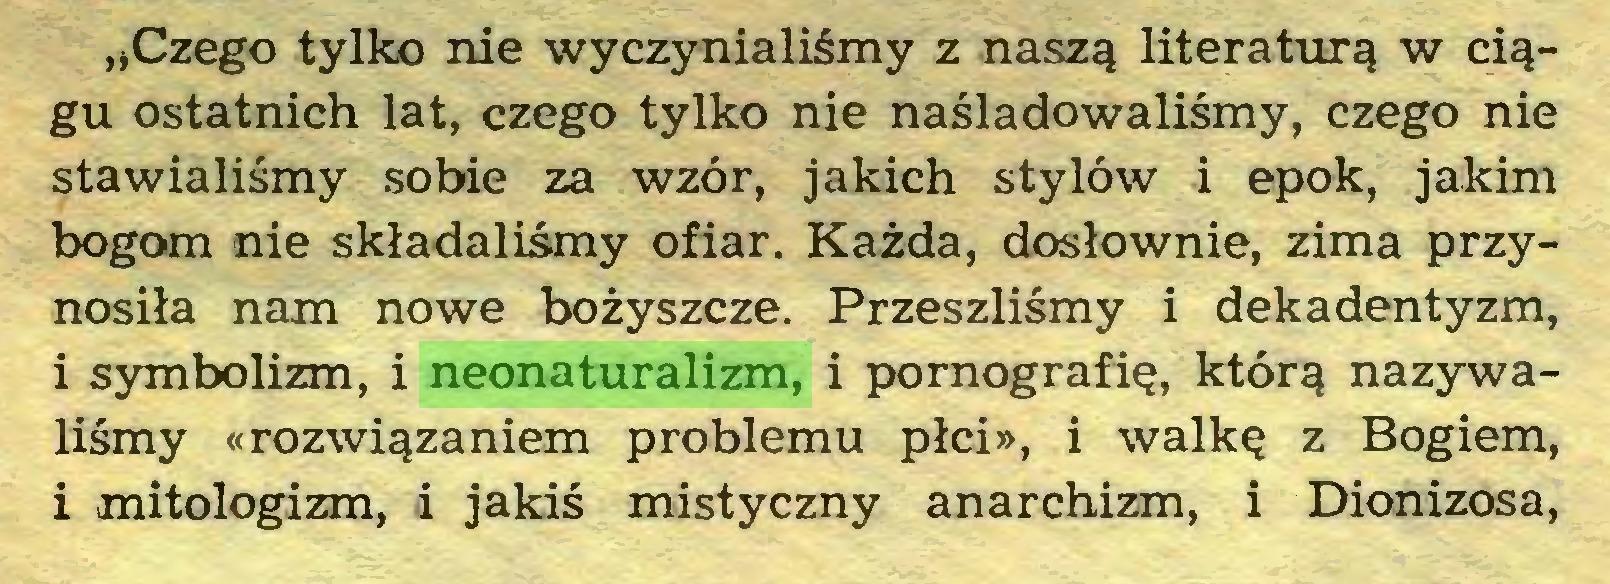 """(...) """"Czego tylko nie wyczynialiśmy z naszą literaturą w ciągu ostatnich lat, czego tylko nie naśladowaliśmy, czego nie stawialiśmy sobie za wzór, jakich stylów i epok, jakim bogom nie składaliśmy ofiar. Każda, dosłownie, zima przynosiła nam nowe bożyszcze. Przeszliśmy i dekadentyzm, 1 symbolizm, i neonaturalizm, i pornografię, którą nazywaliśmy «rozwiązaniem problemu płci», i walkę z Bogiem, i mitologizm, i jakiś mistyczny anarchizm, i Dionizosa,..."""